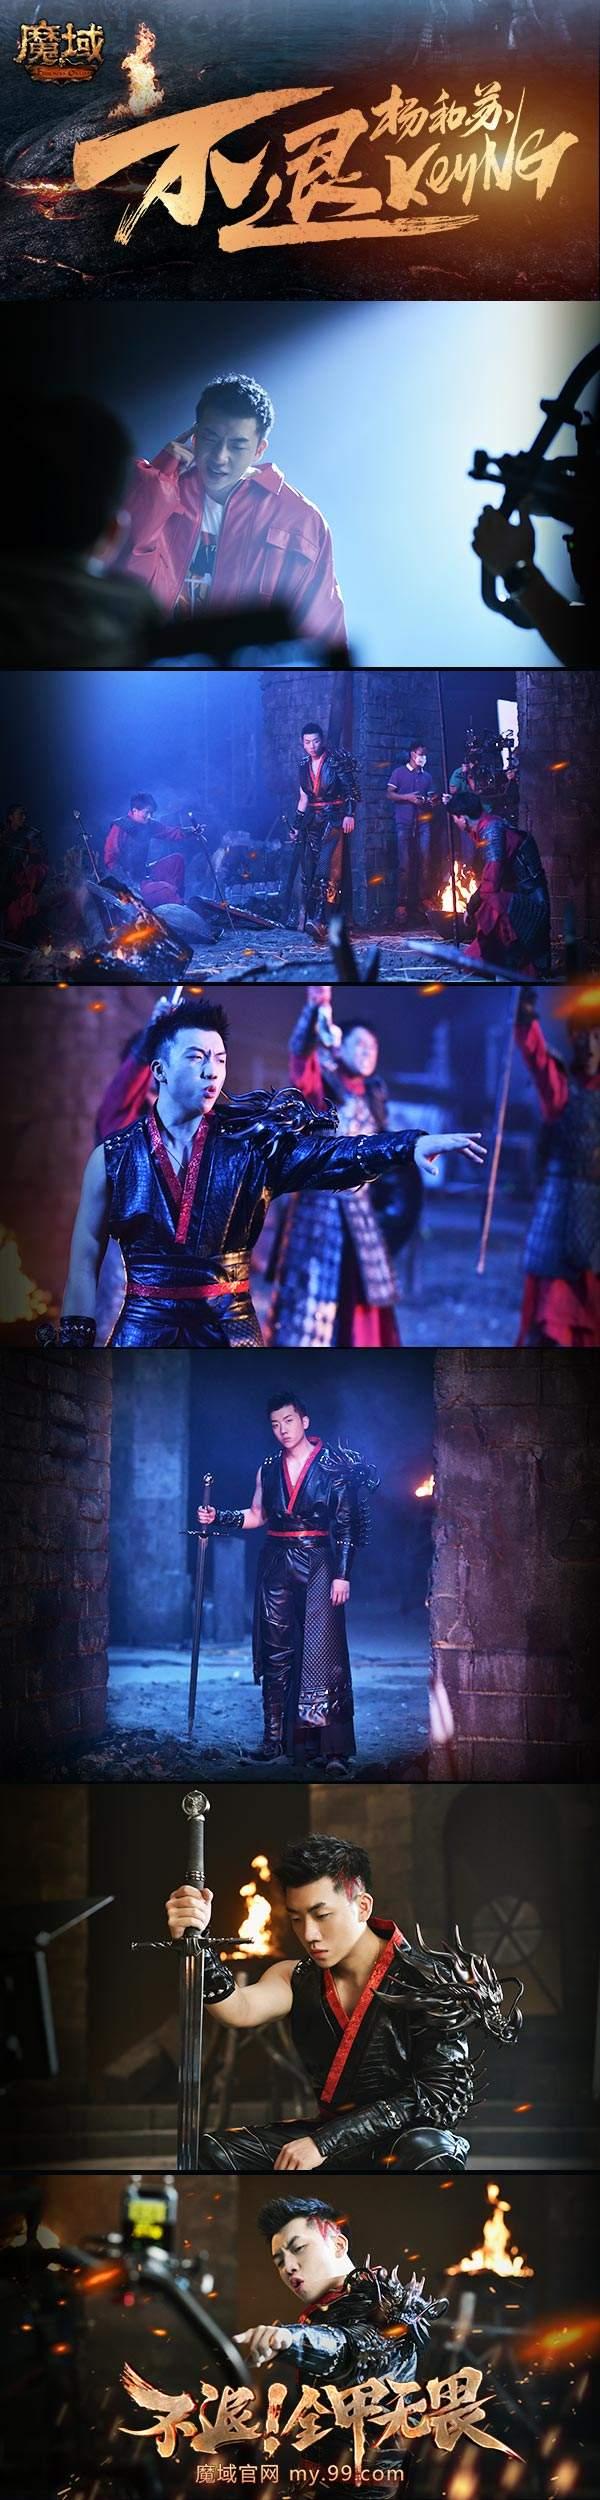 新說唱冠軍楊和蘇全新大作錄制現場曝光!完美獻唱《魔域》新資料片戰歌